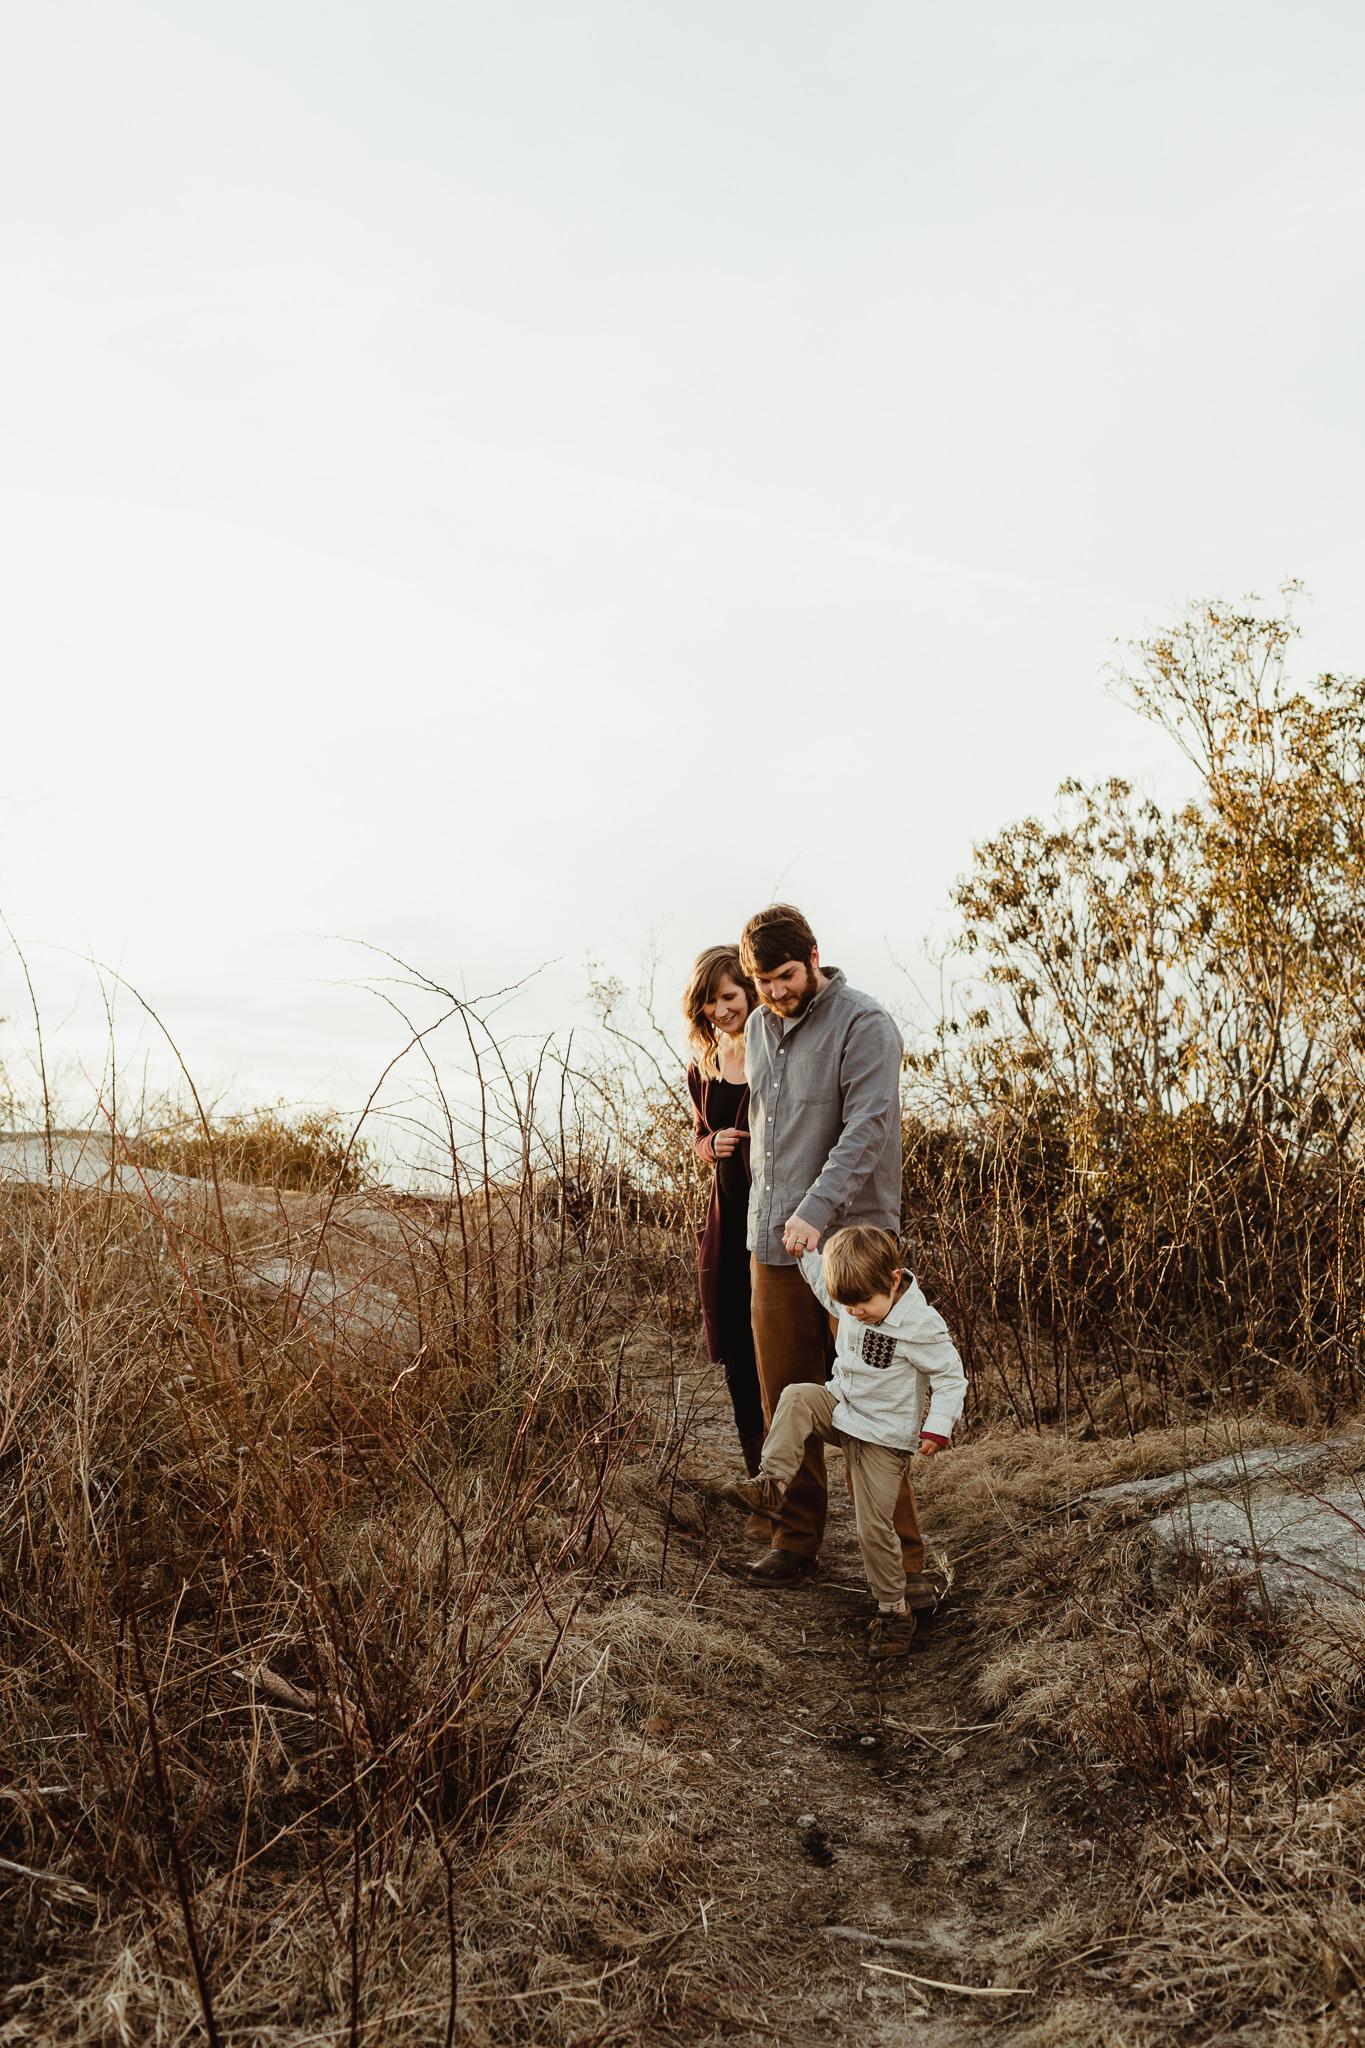 jennichandlerphotography_brevardnc_andimaternityfamily_WEB-23.jpg